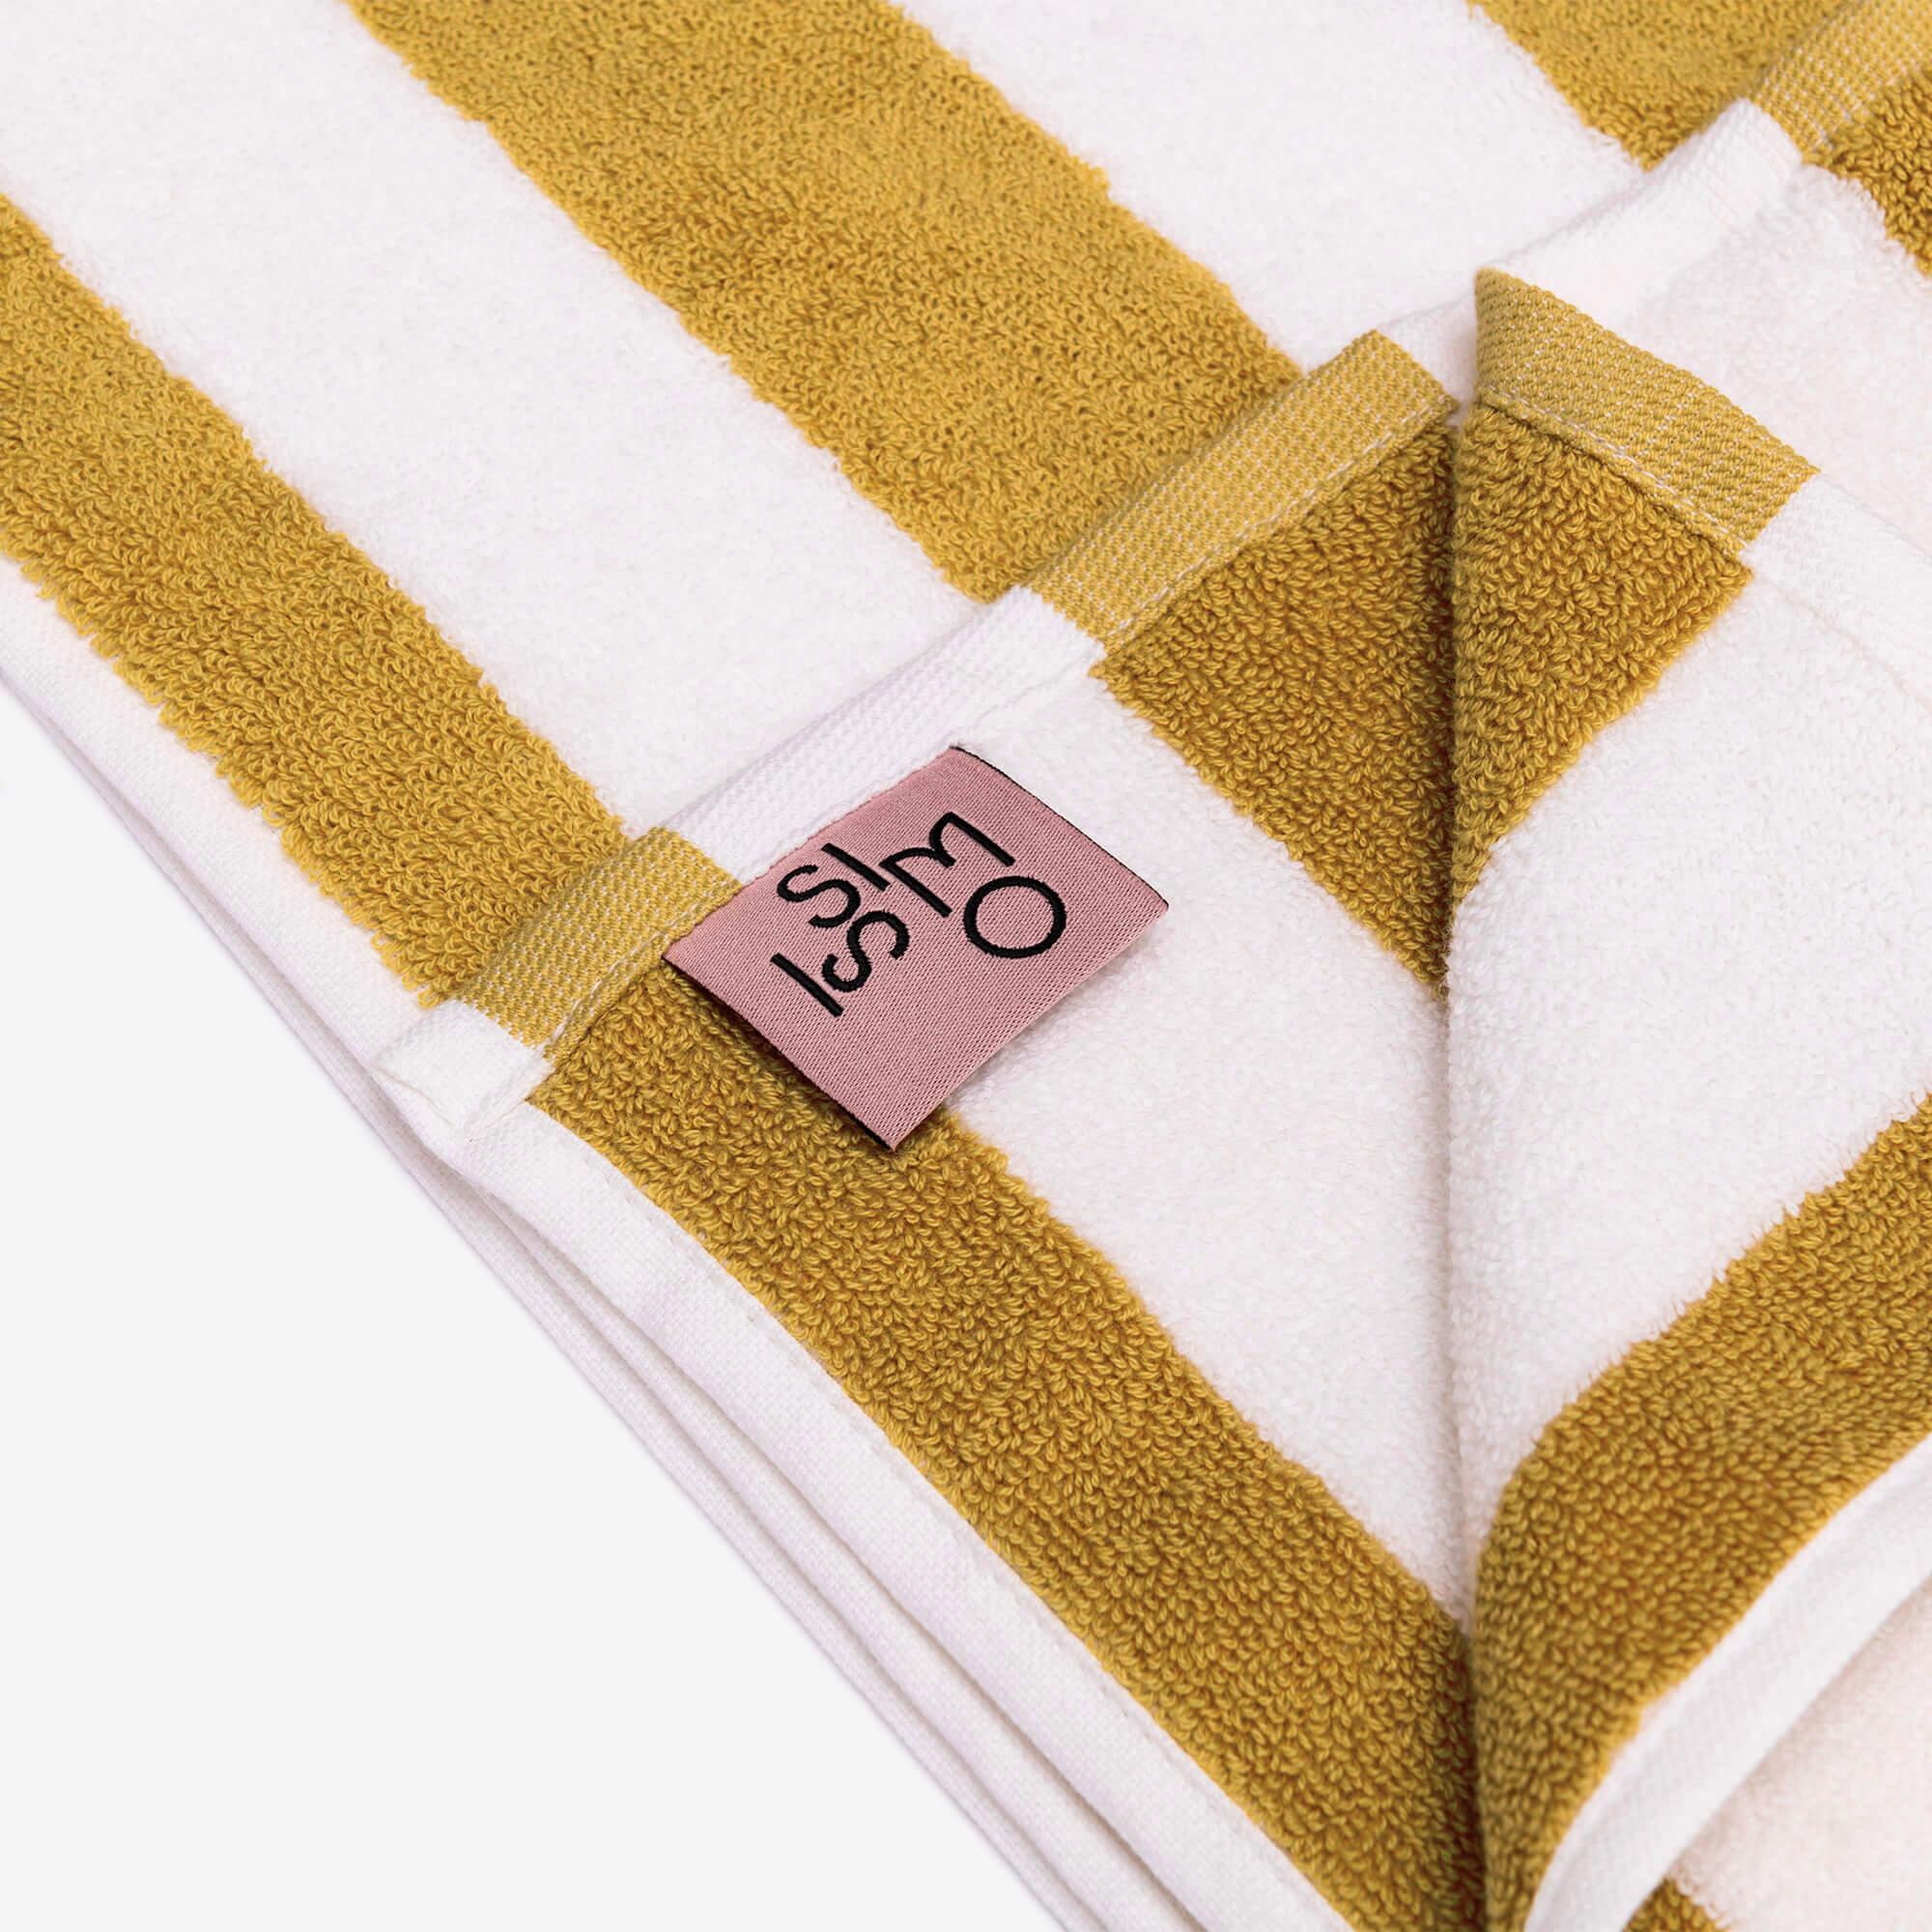 il pellicano towel